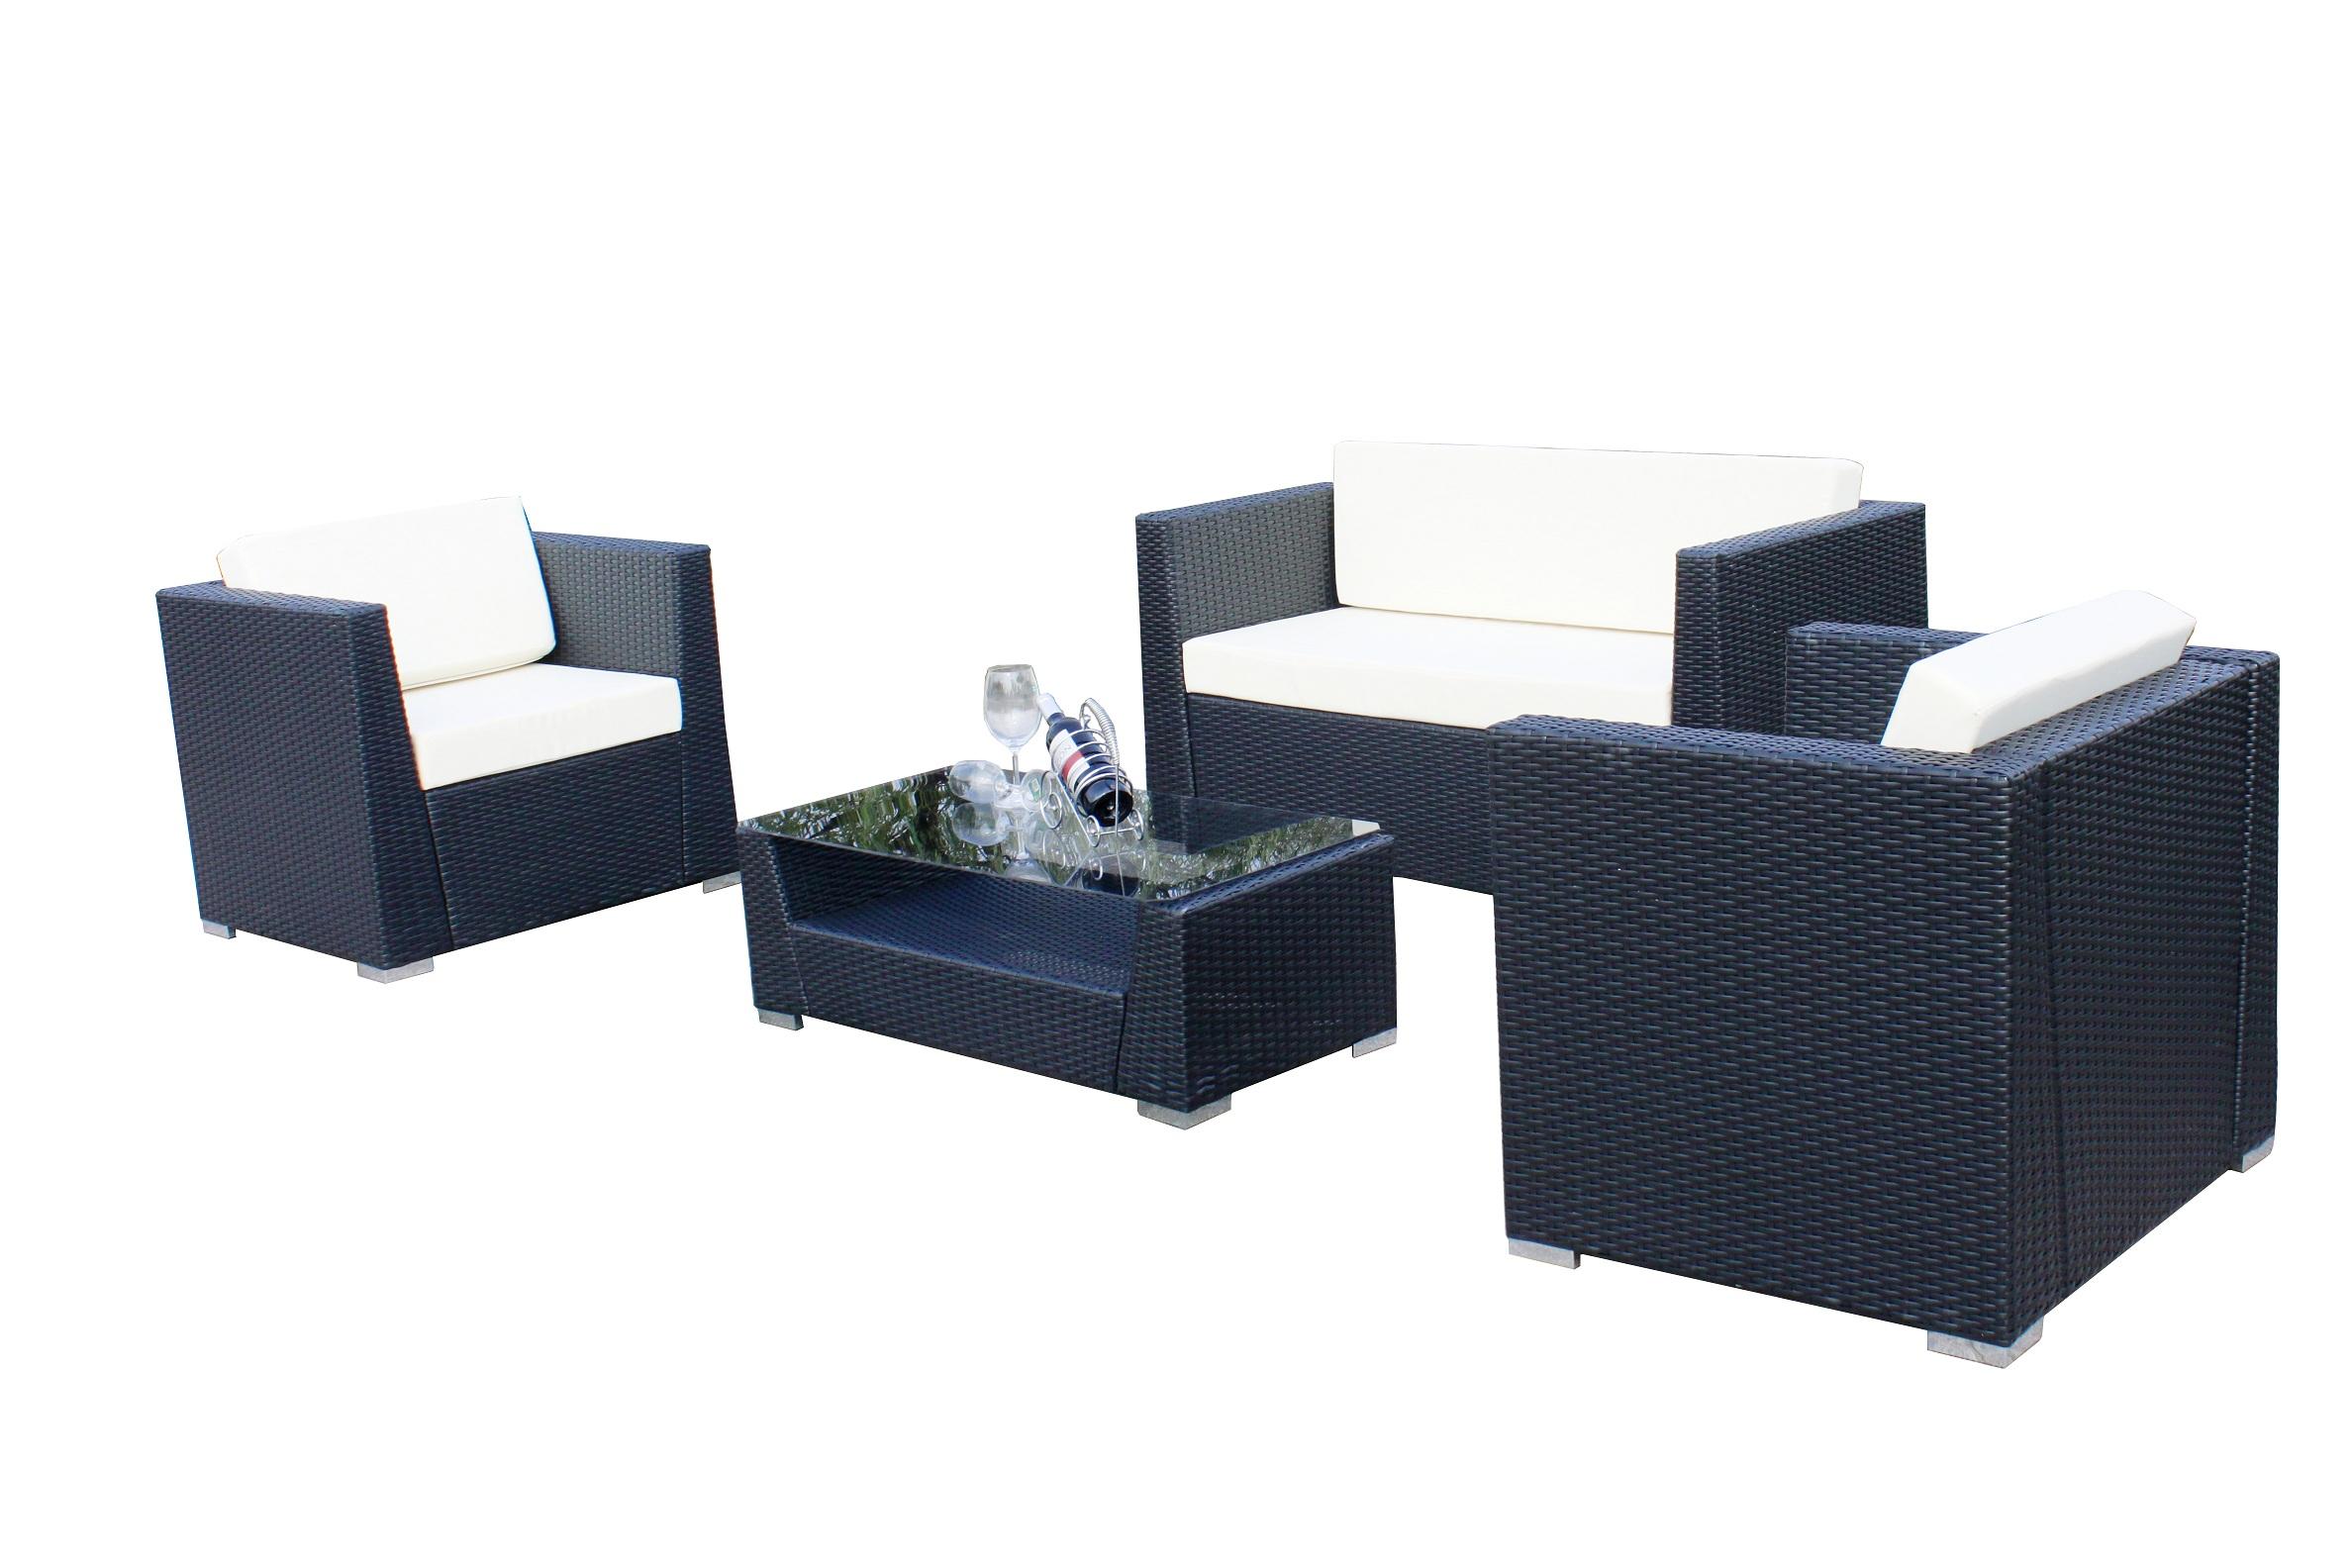 4 Pcs Luxury Wicker Patio Sectional Indoor Outdoor Sofa